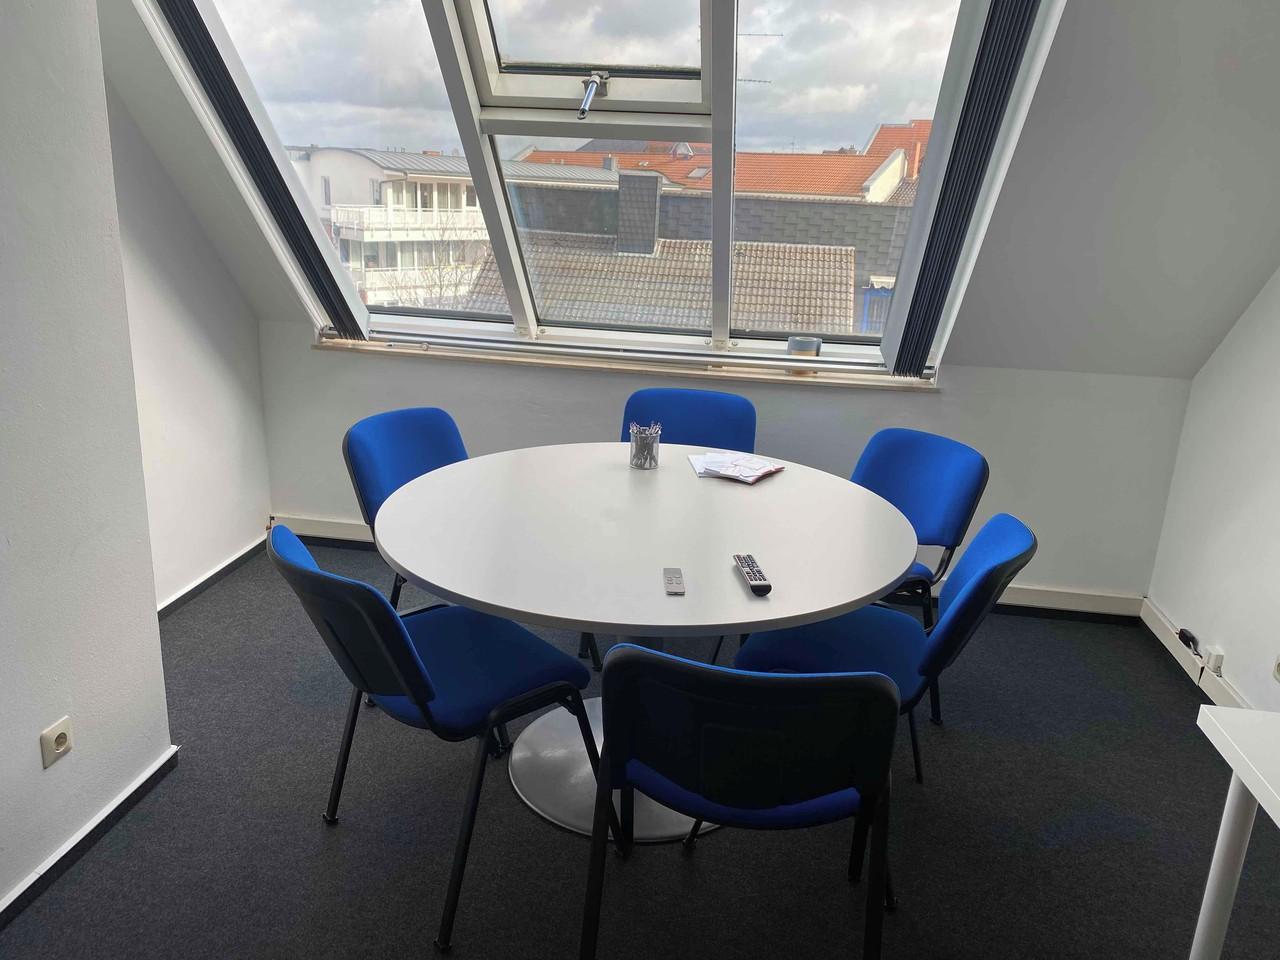 Rest of the World Meetingräume Meeting room Meeting room image 0